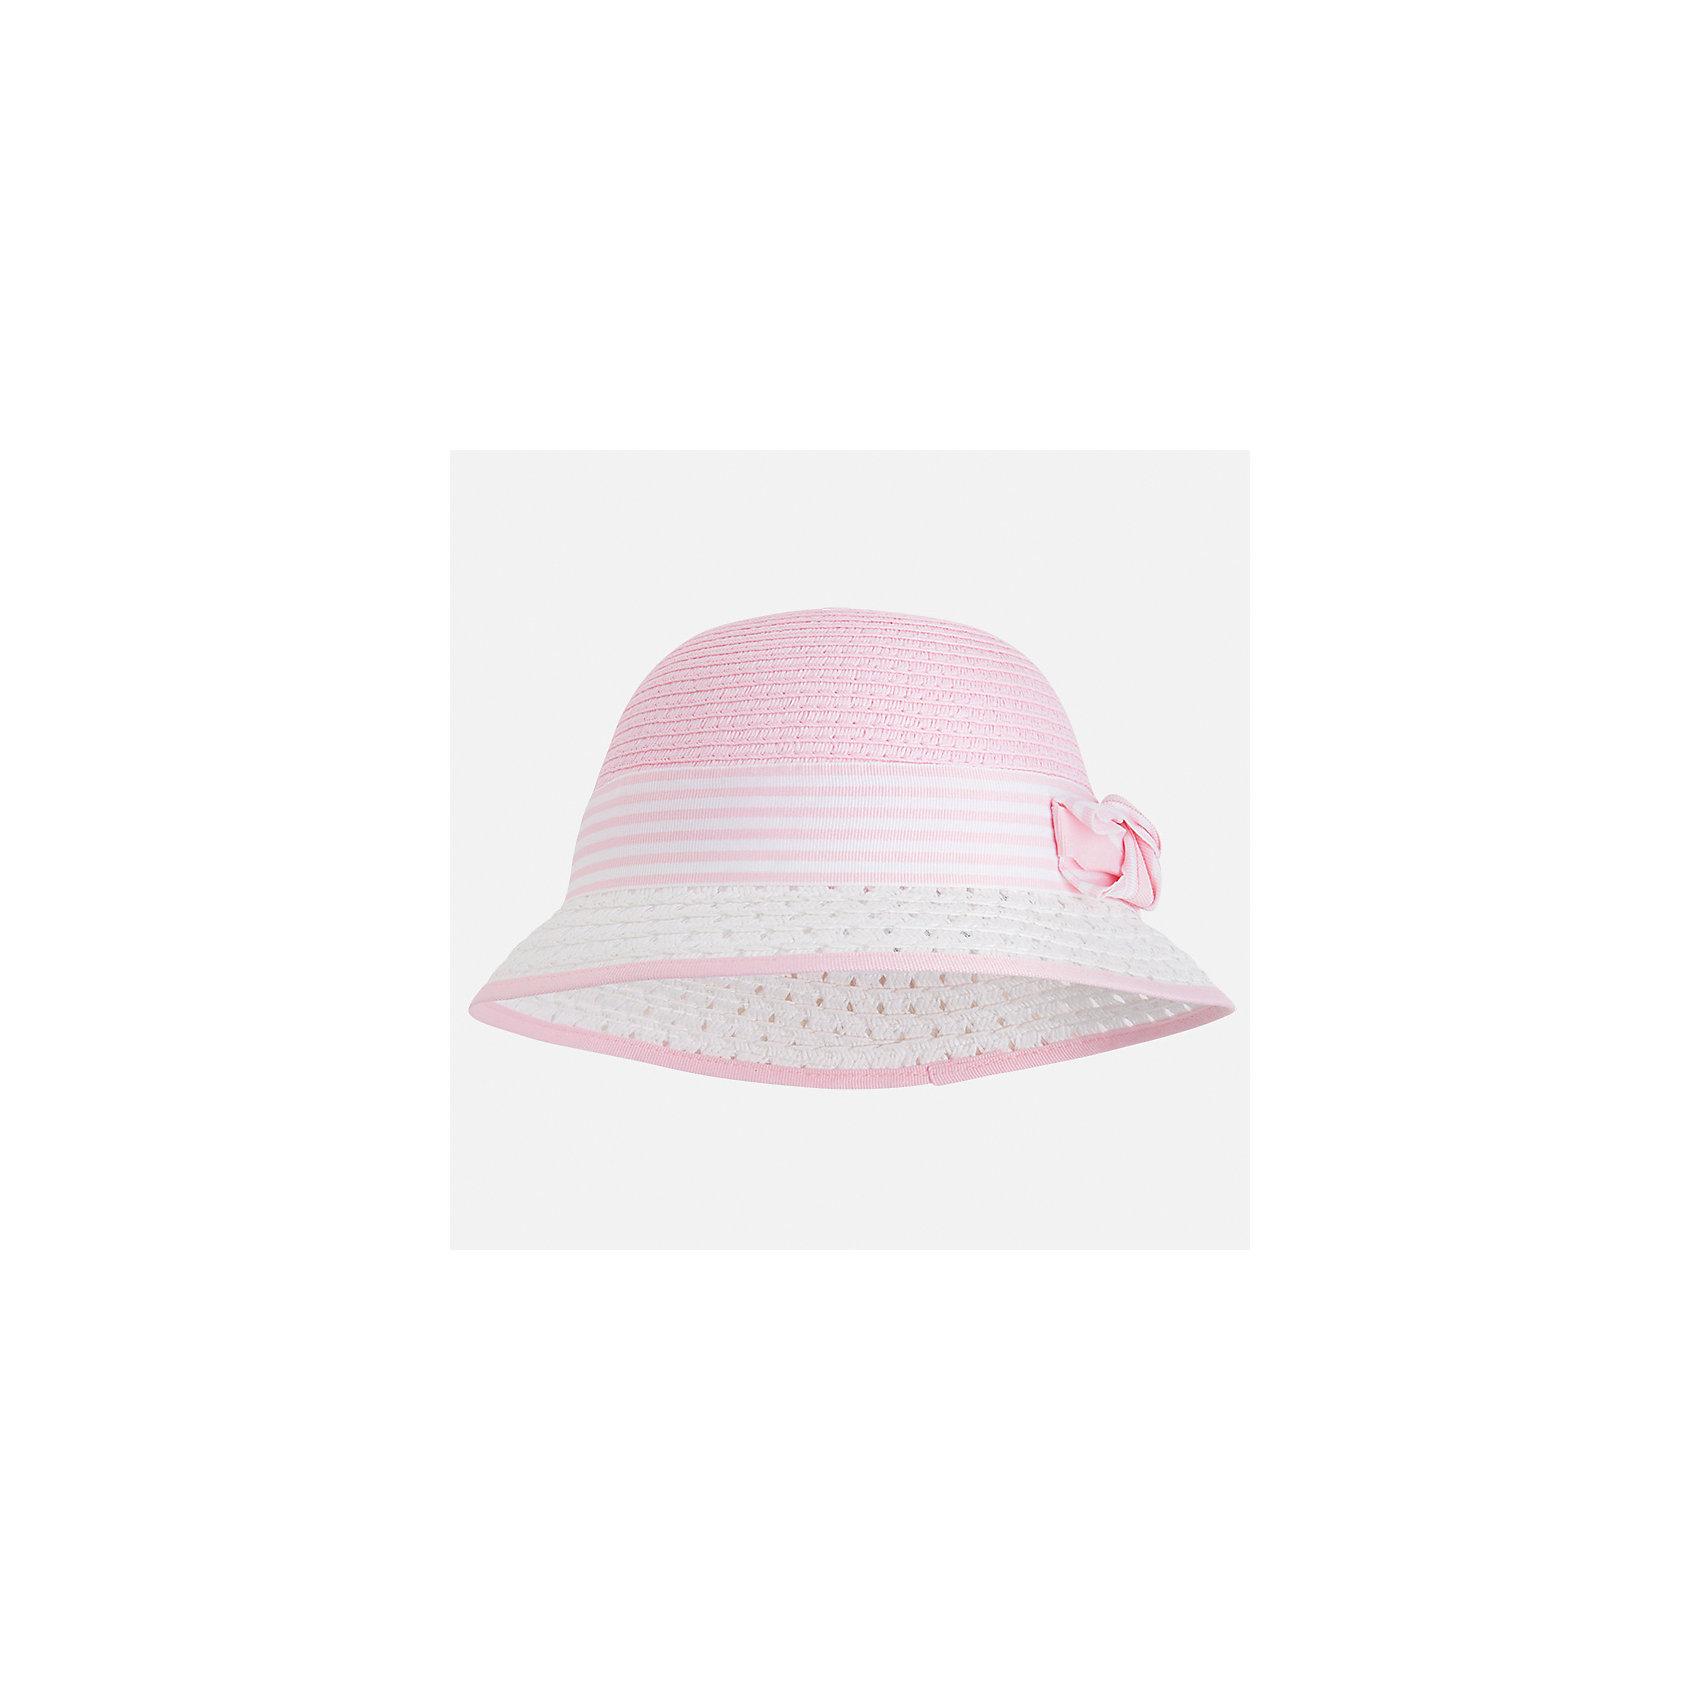 Шляпа для девочки MayoralГоловные уборы<br>Характеристики товара:<br><br>• цвет: розовый/белый<br>• состав: 100% бумага<br>• легкий материал<br>• дышащая<br>• комфортная посадка<br>• декорирована бантом<br>• страна бренда: Испания<br><br>Головной убор может быть удобным и красивым! Эта шляпа для девочки не только хорошо сидит на ребенке. Сделана из легкого материала. Интересная отделка модели делает её нарядной и оригинальной. <br><br>Шляпу для девочки от испанского бренда Mayoral (Майорал) можно купить в нашем интернет-магазине.<br><br>Ширина мм: 89<br>Глубина мм: 117<br>Высота мм: 44<br>Вес г: 155<br>Цвет: фиолетовый<br>Возраст от месяцев: 72<br>Возраст до месяцев: 84<br>Пол: Женский<br>Возраст: Детский<br>Размер: 54,52<br>SKU: 5587624